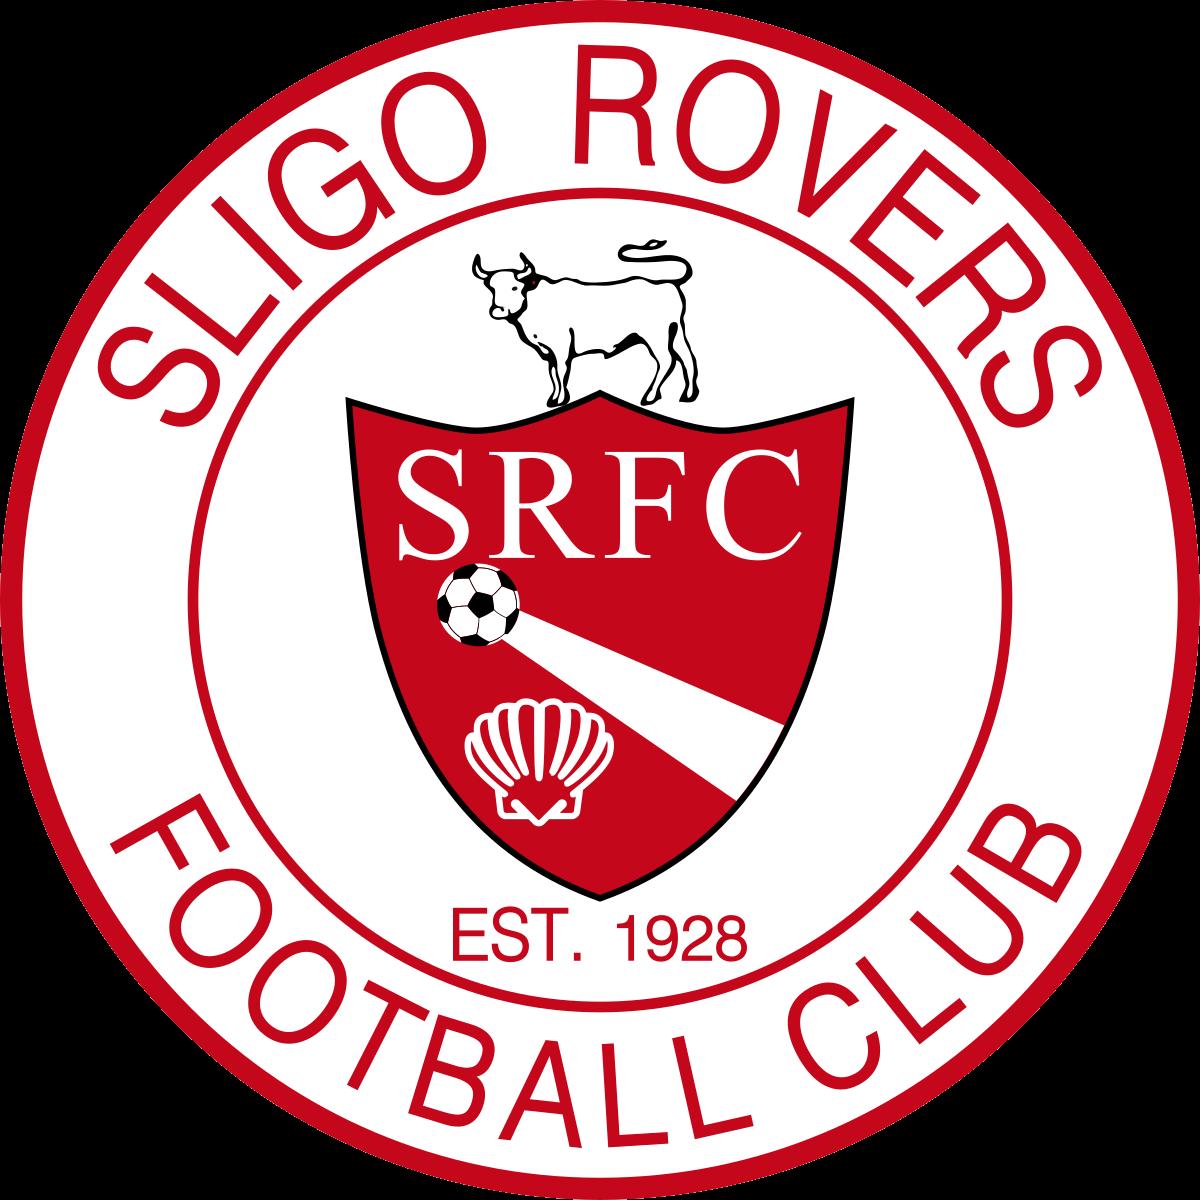 Sligo Rovers